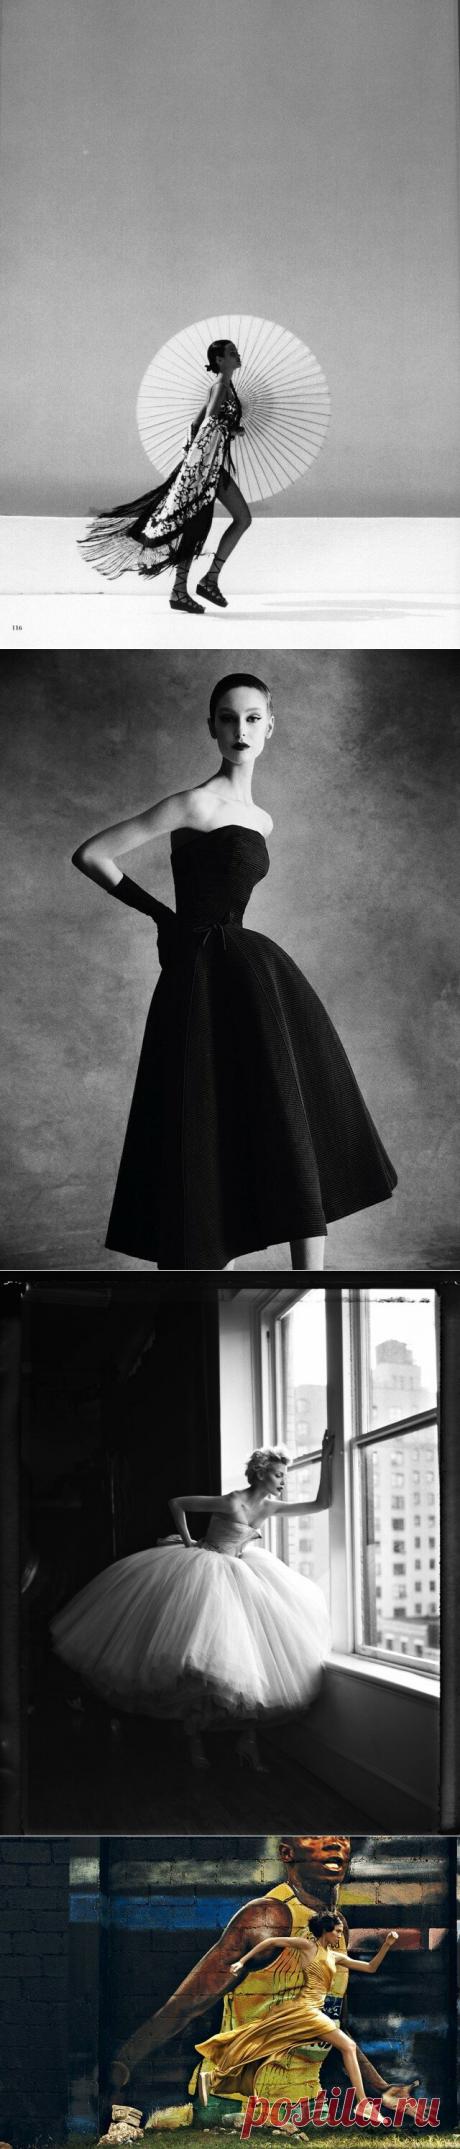 15 фотографий величайшего фотографа всех времен Патрика Демаршелье | Honka.magazine | Яндекс Дзен